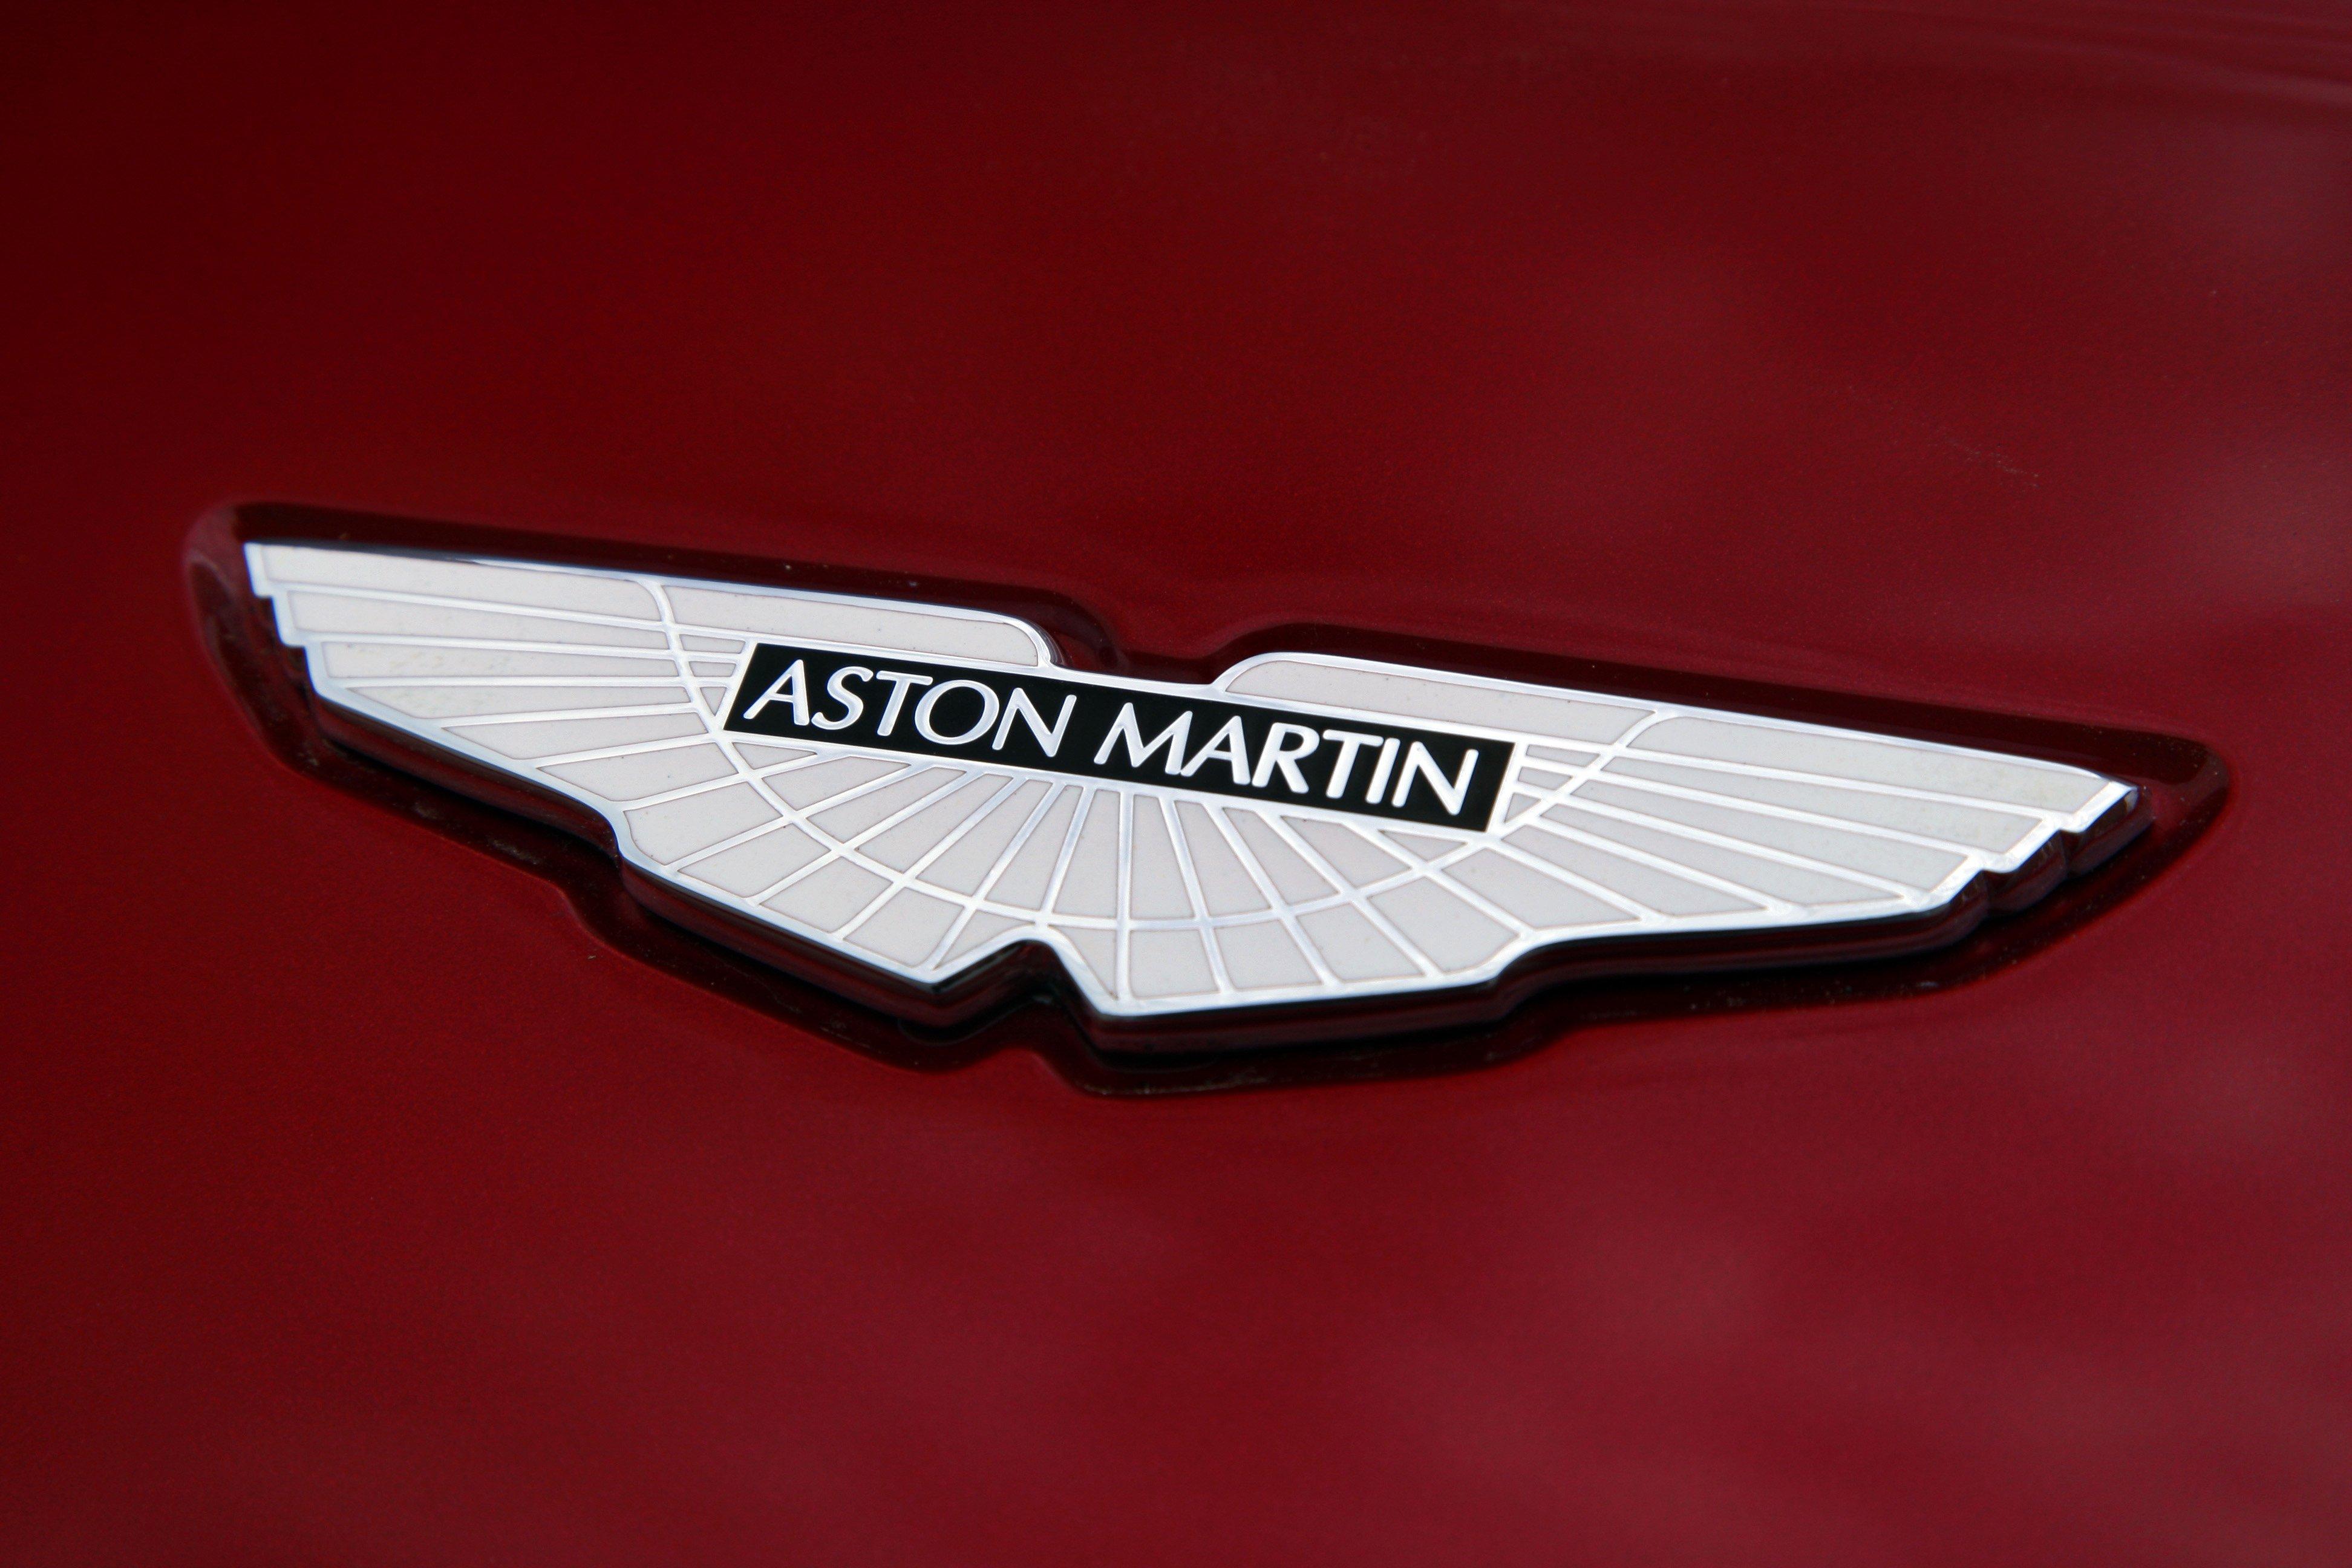 aston martin logo widescreen wallpaper 59087